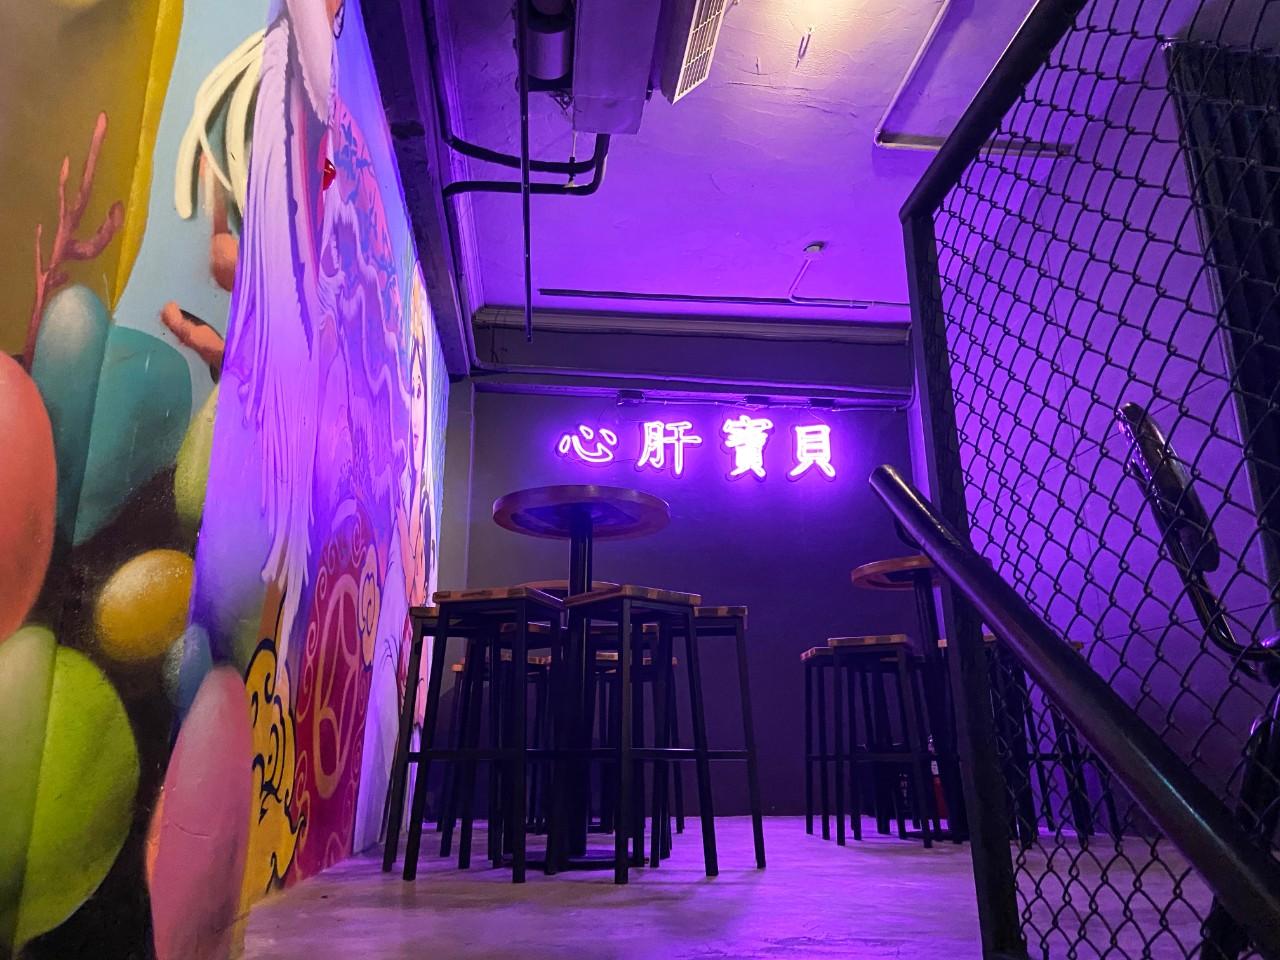 成都玖肆/蒂寶麻雀館/心肝寶貝:酒吧環境介紹